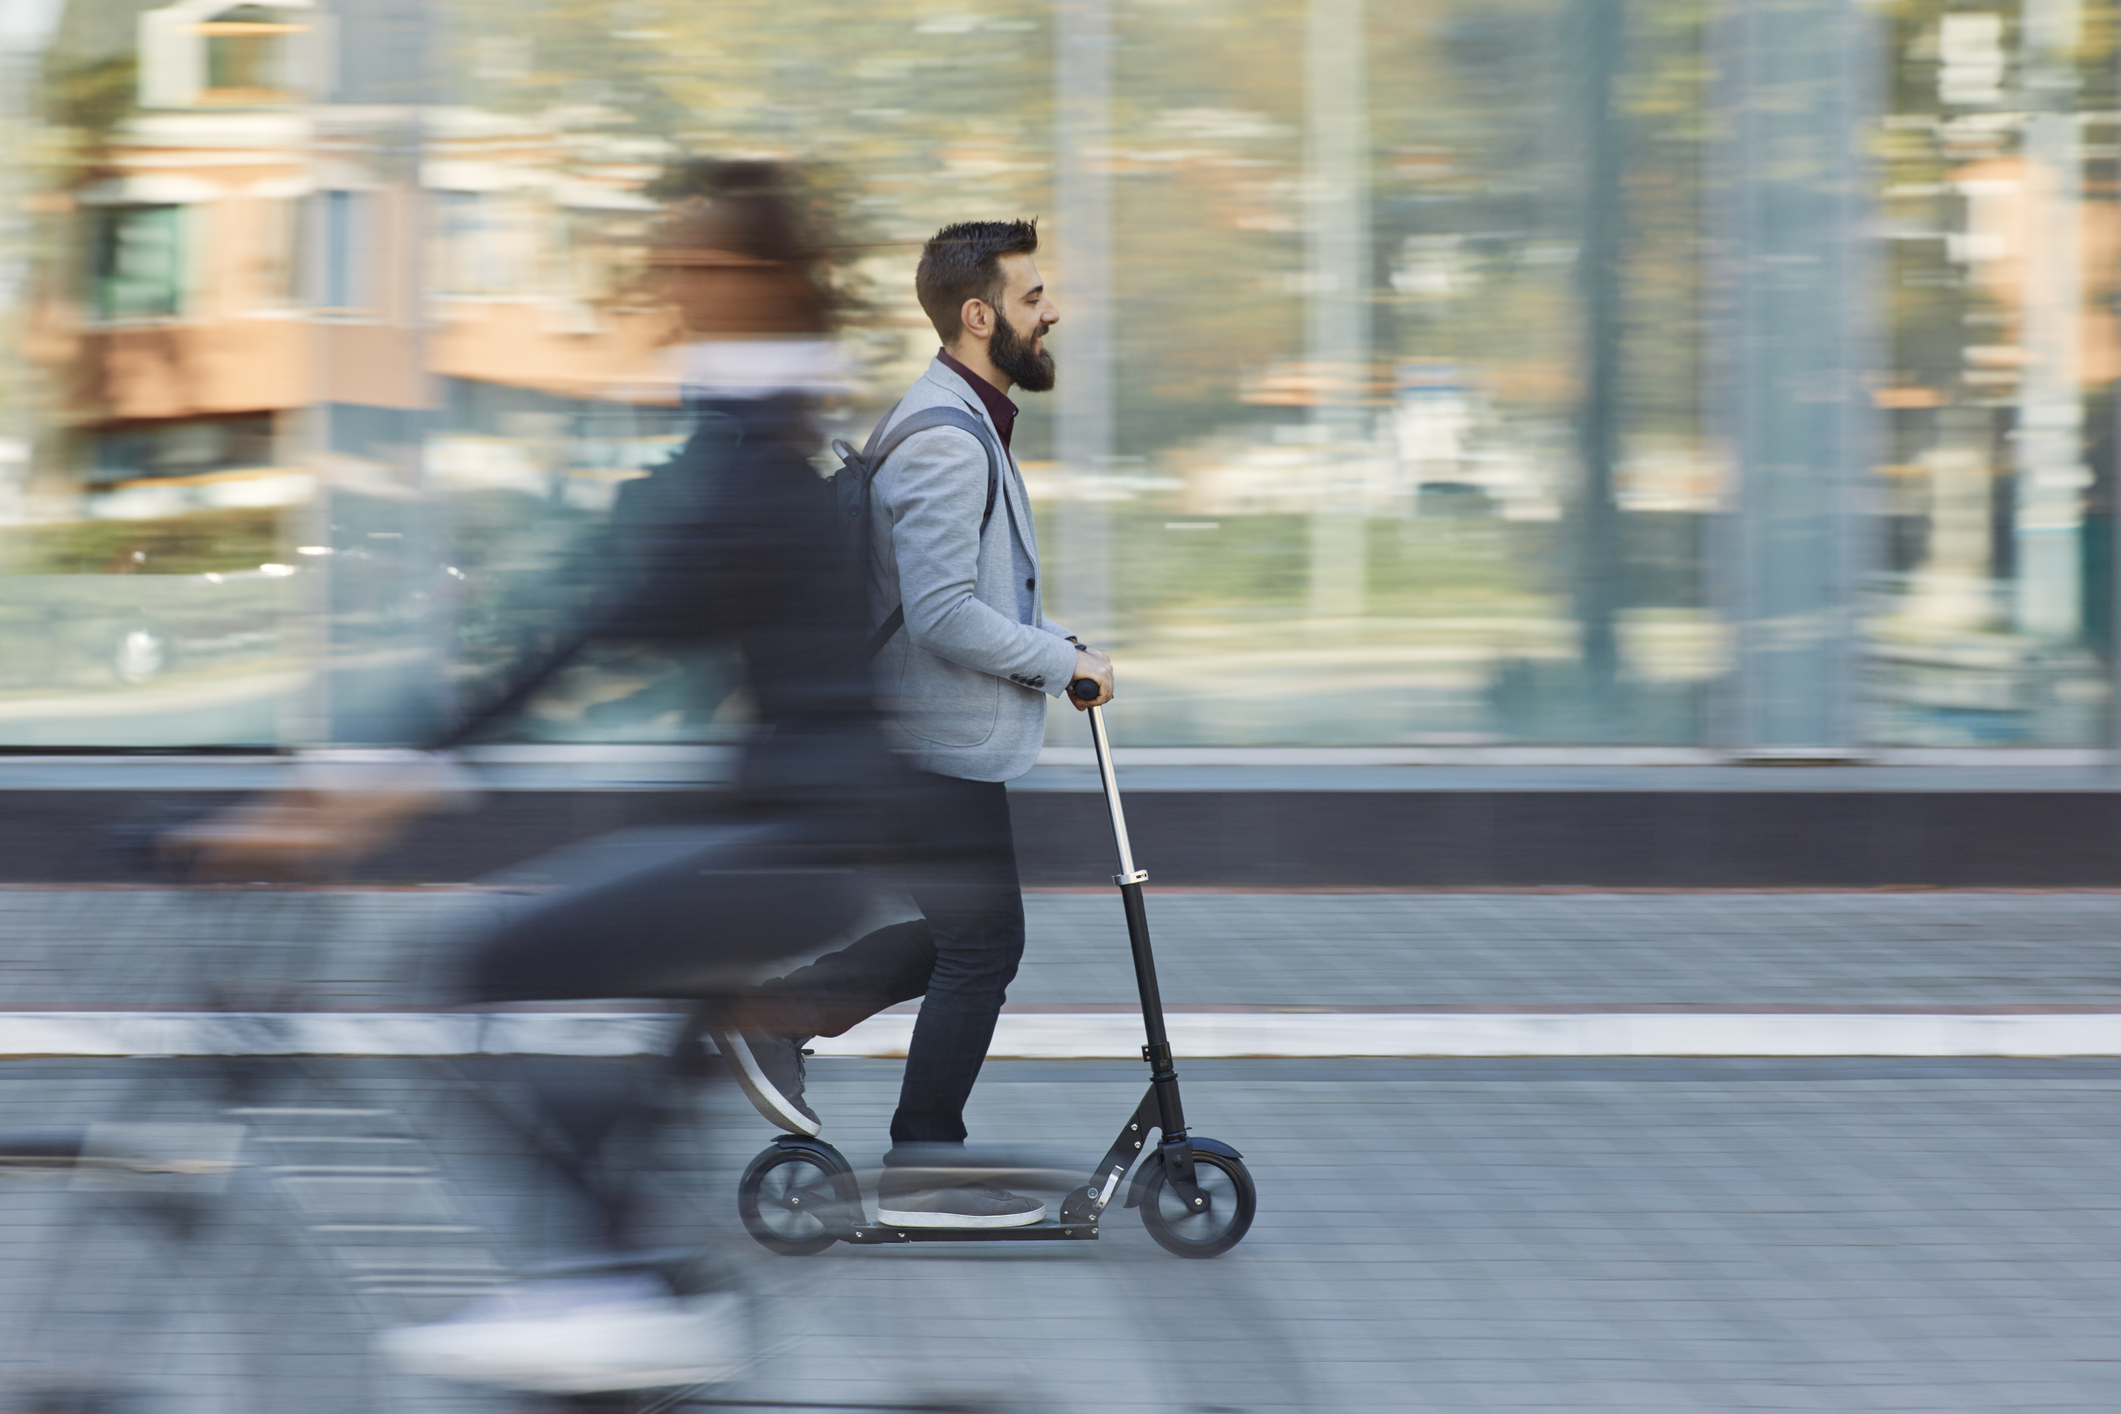 Valdivianos se llevan scooters públicos para la casa — Encariñados